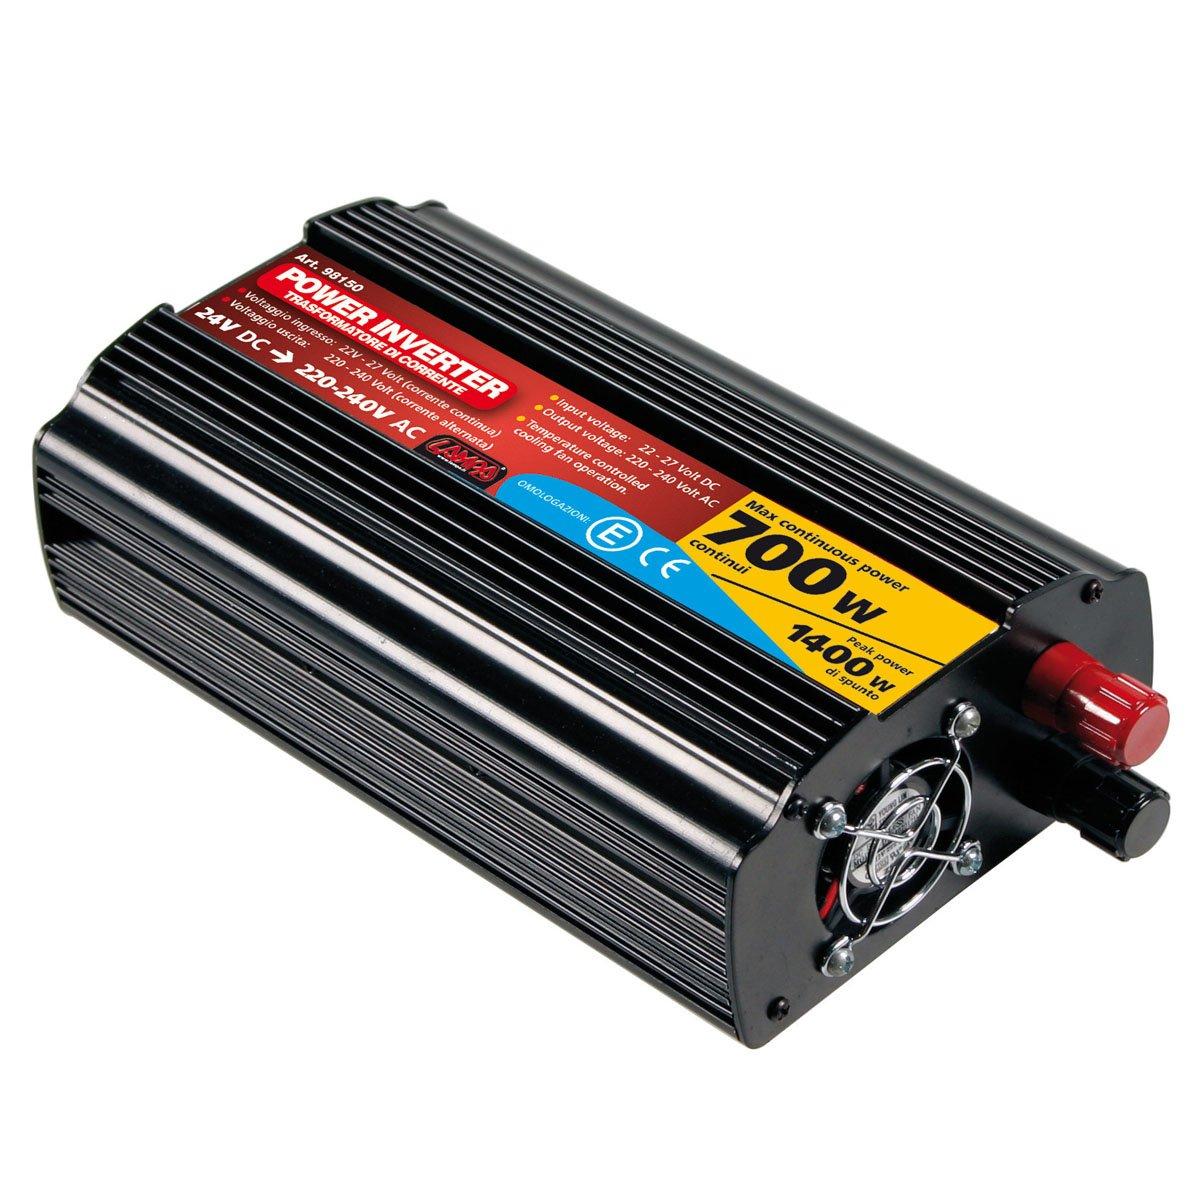 Lampa 98150 Power Inverter Convertitore di Corrente, 700 W, 24/220V LA_98150